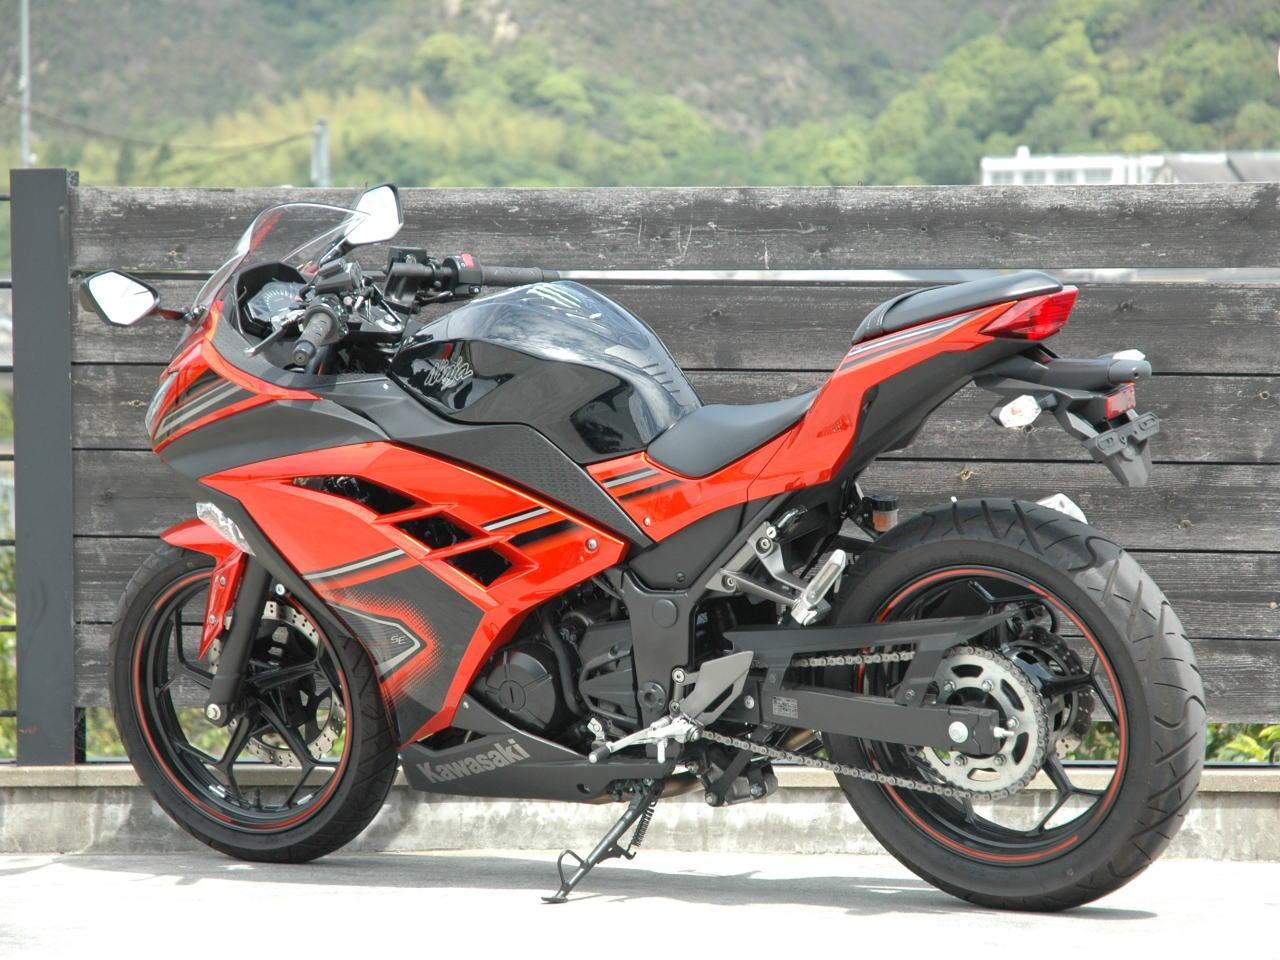 used-ninja250-orange-150522-2.jpg